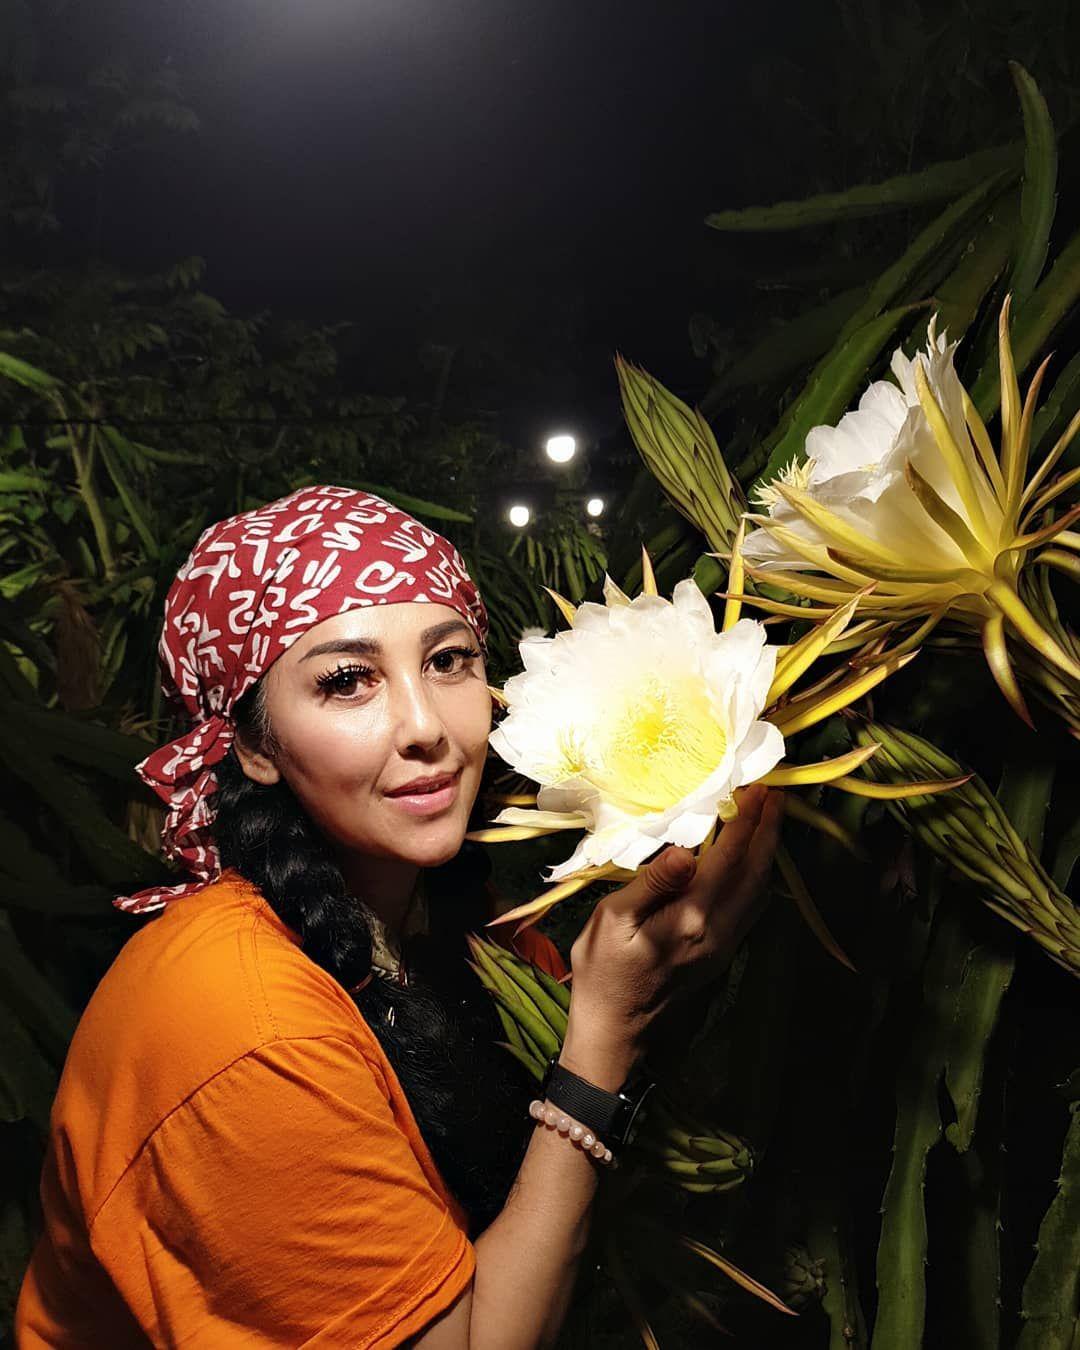 Sudah Berusia 50 Tahunan, Begini 7 Potret Kecantikan Artis Indonesia